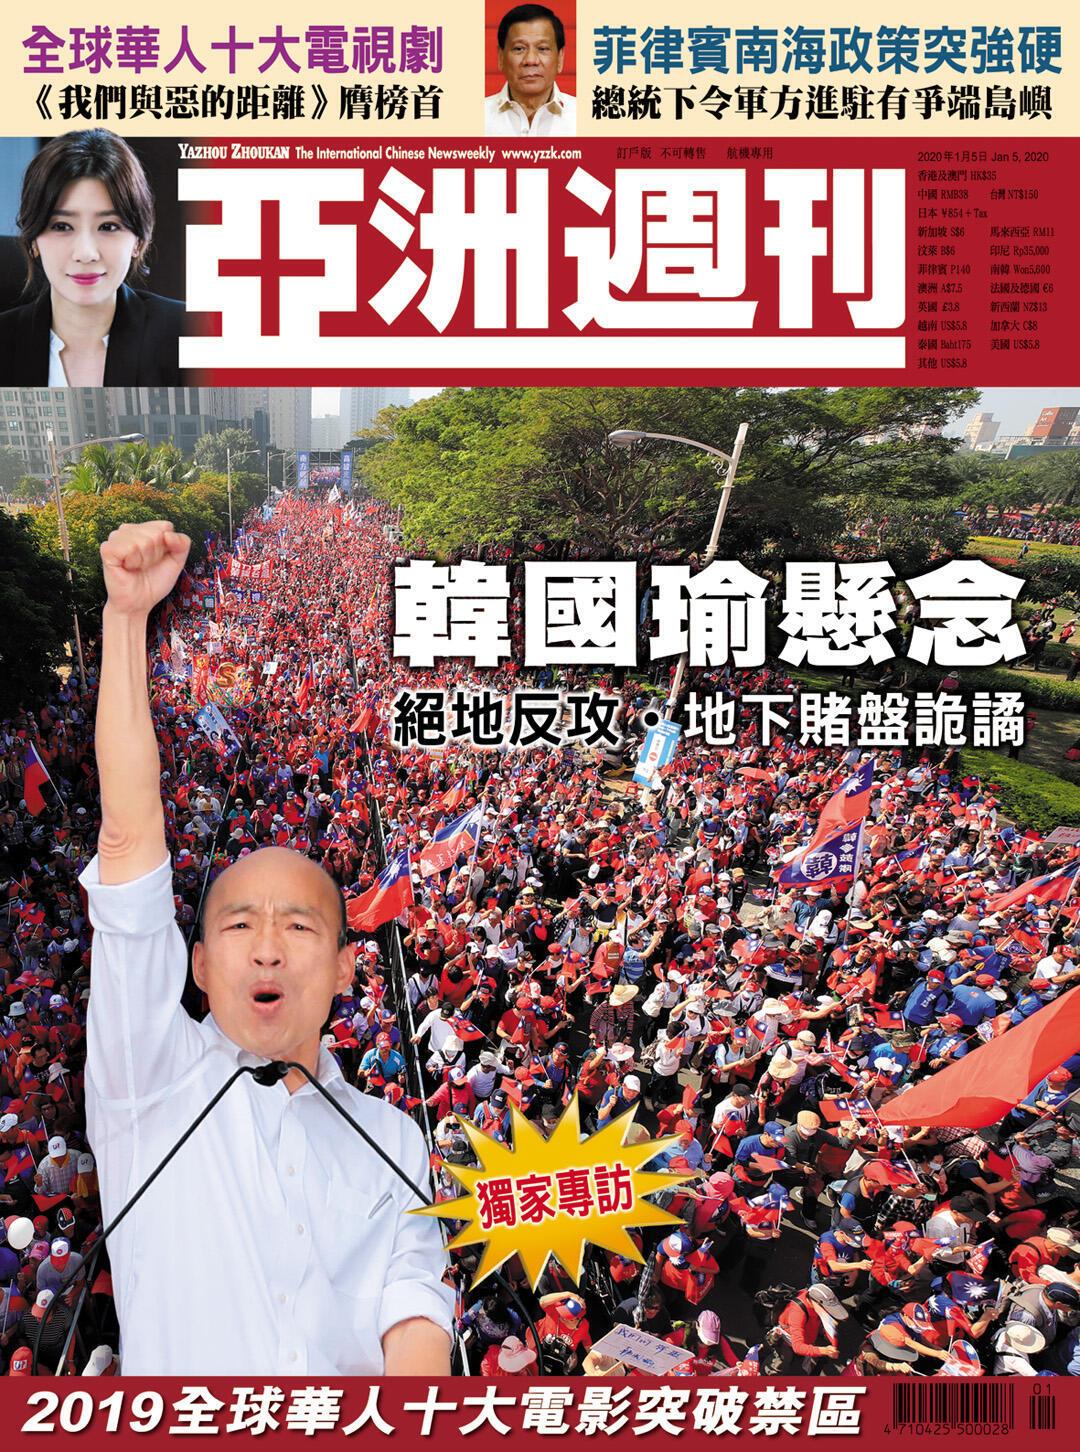 亚洲周刊封面